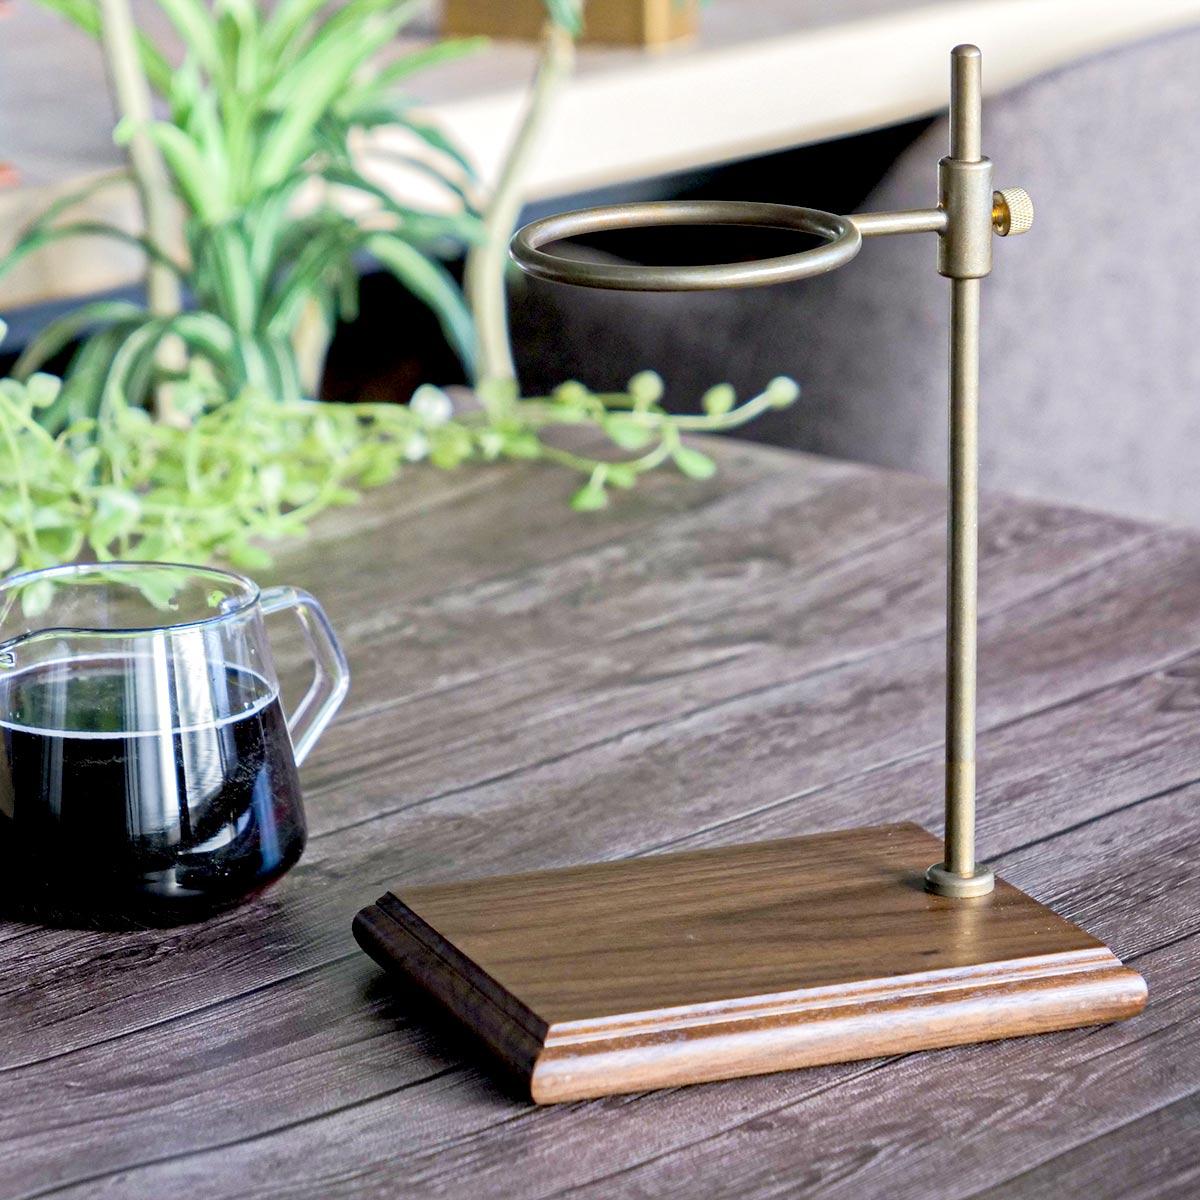 キントー KINTO コーヒーメーカー SLOW COFFEE STYLE Specialty ブリューワースタンドセット 4cups ( 送料無料 コーヒードリッパー ガラス製 ブリュワー 食洗機対応 4cup 4カップ用 コーヒーウェア ) 【5000円以上送料無料】